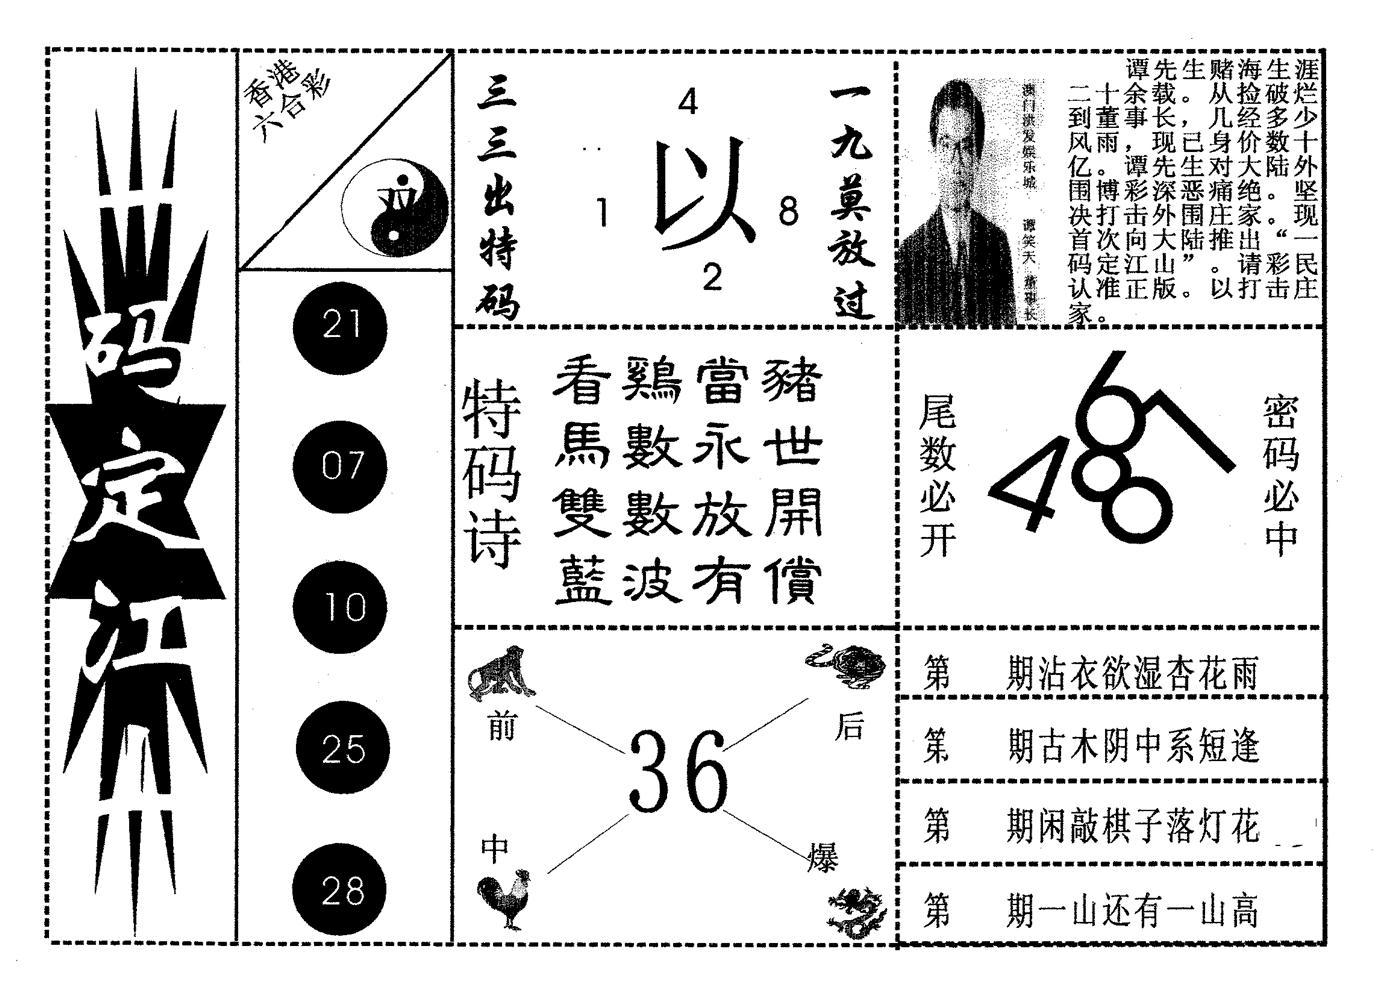 065期一码定江山(黑白)